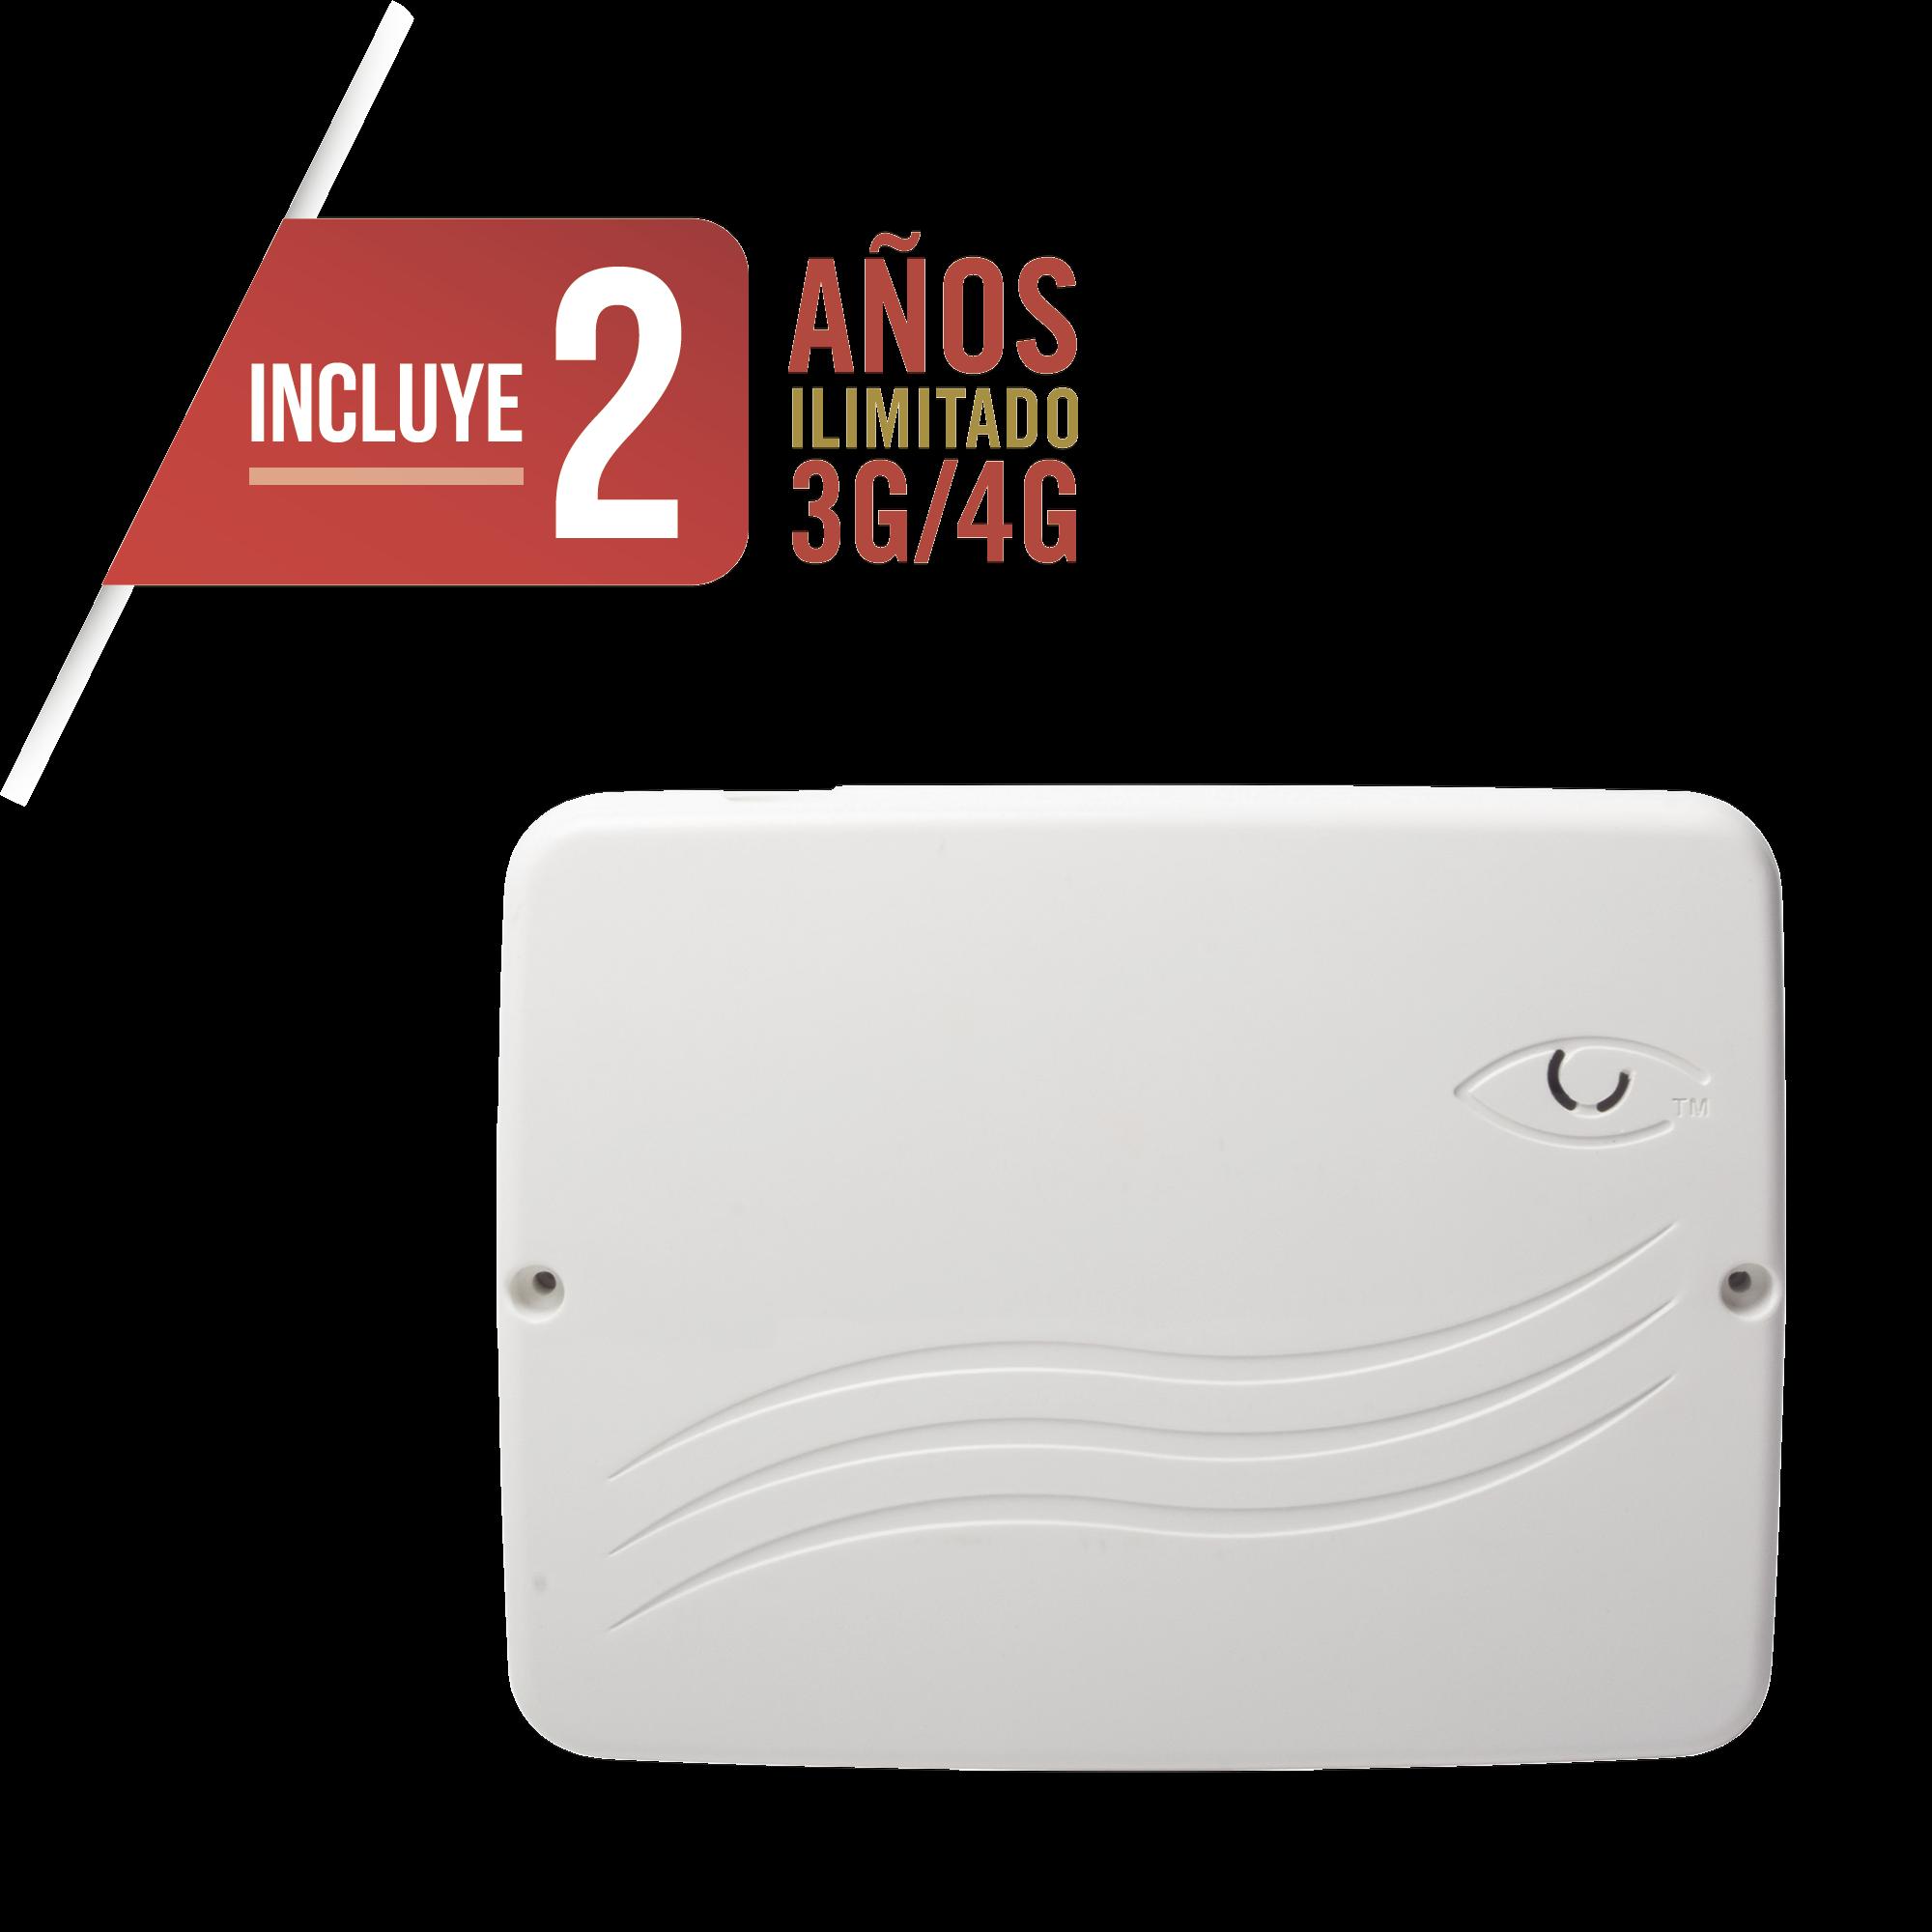 Panel de Alarma Cloud Hibrido 4G LTE / 8 Zonas Cableadas, 32 Inalambricas / INCLUYE 2 A�OS 3G/4GLTE ILIMITADOS / Programacion 100% via WEB / ALTA SEGURIDAD